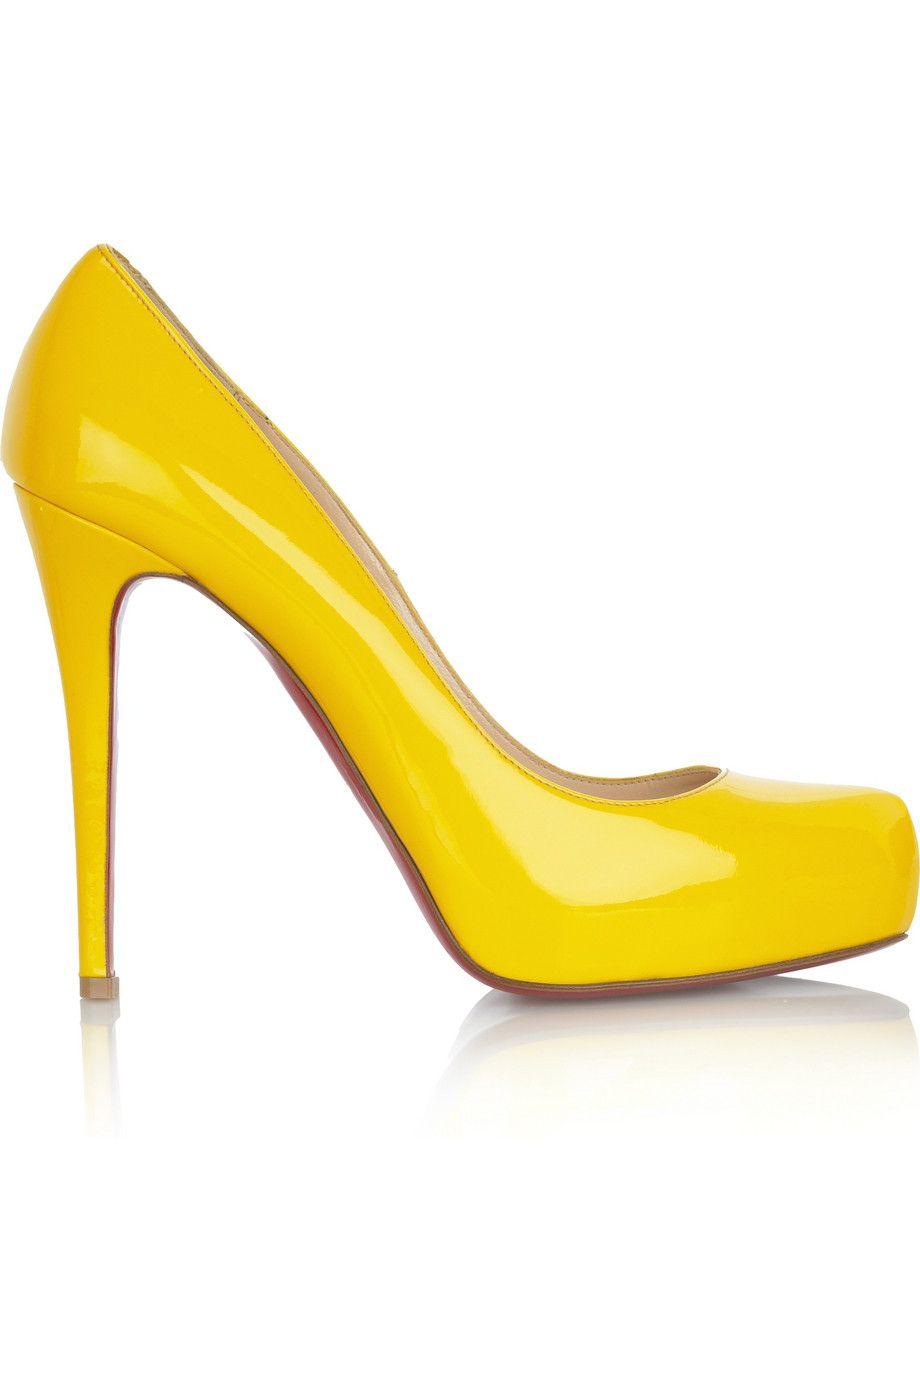 le dernier 538ad 0001d Escarpin jaune